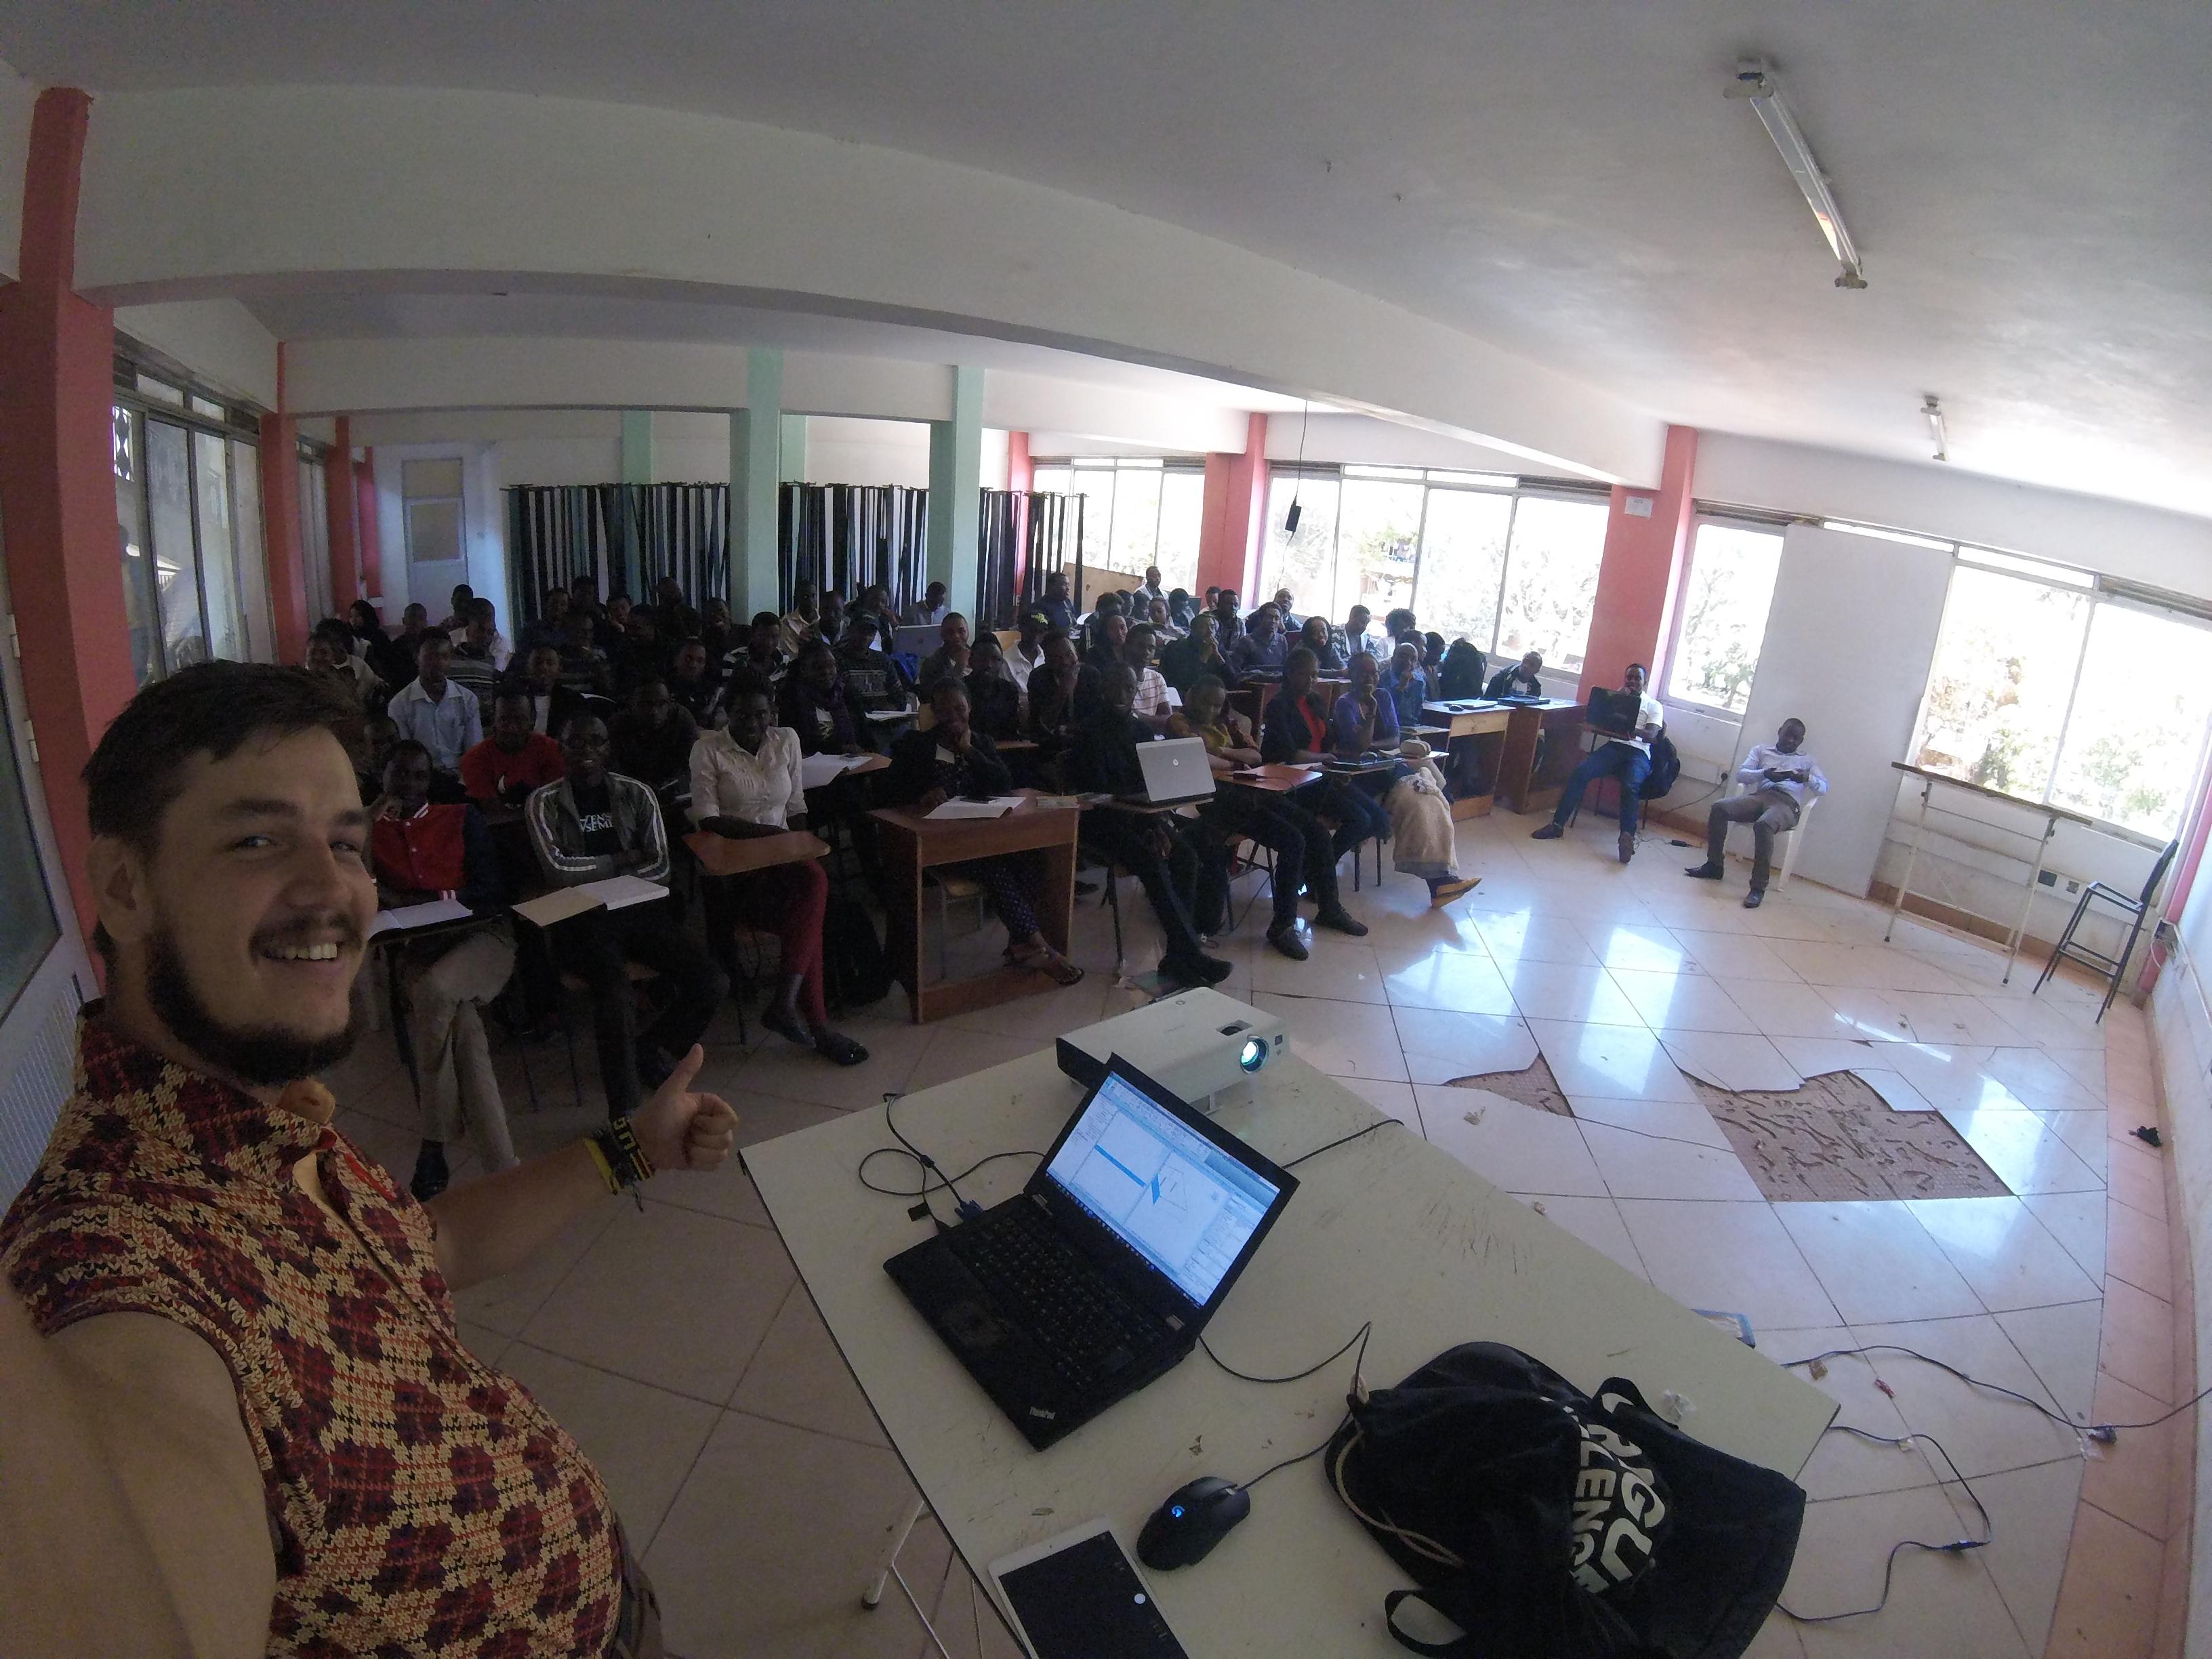 Keňa 2016: Oproti předpokladu nakonec přednášení a výuka na univerzitě (archiv autora)